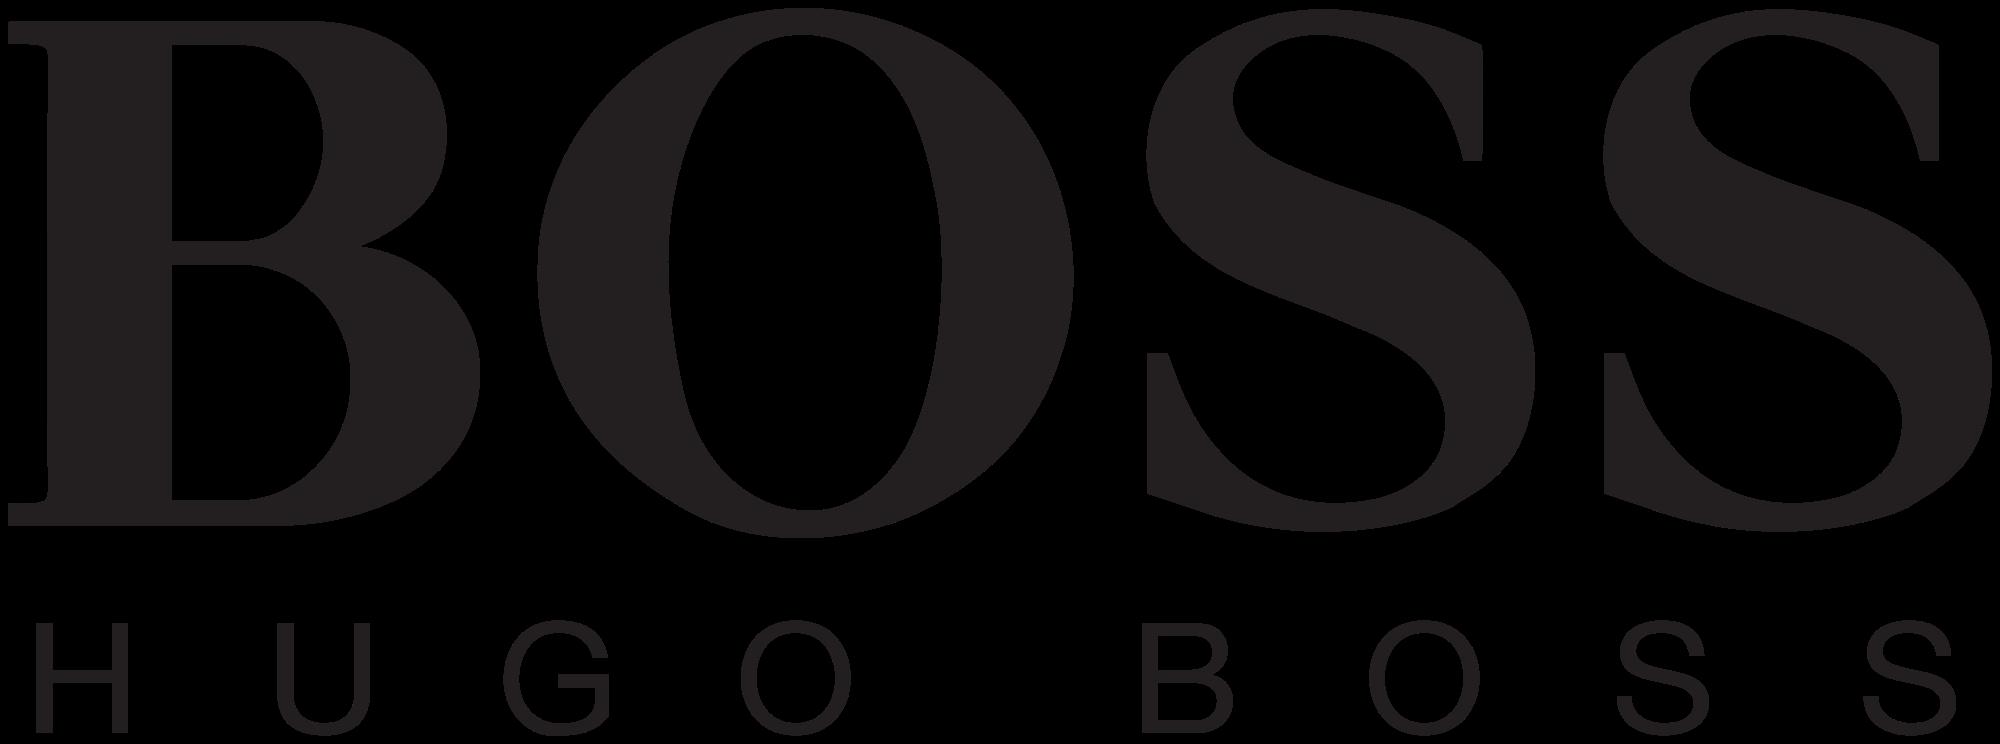 Hugo Boss horlogebanden bestel je bij Horloge-Bandjes.nl